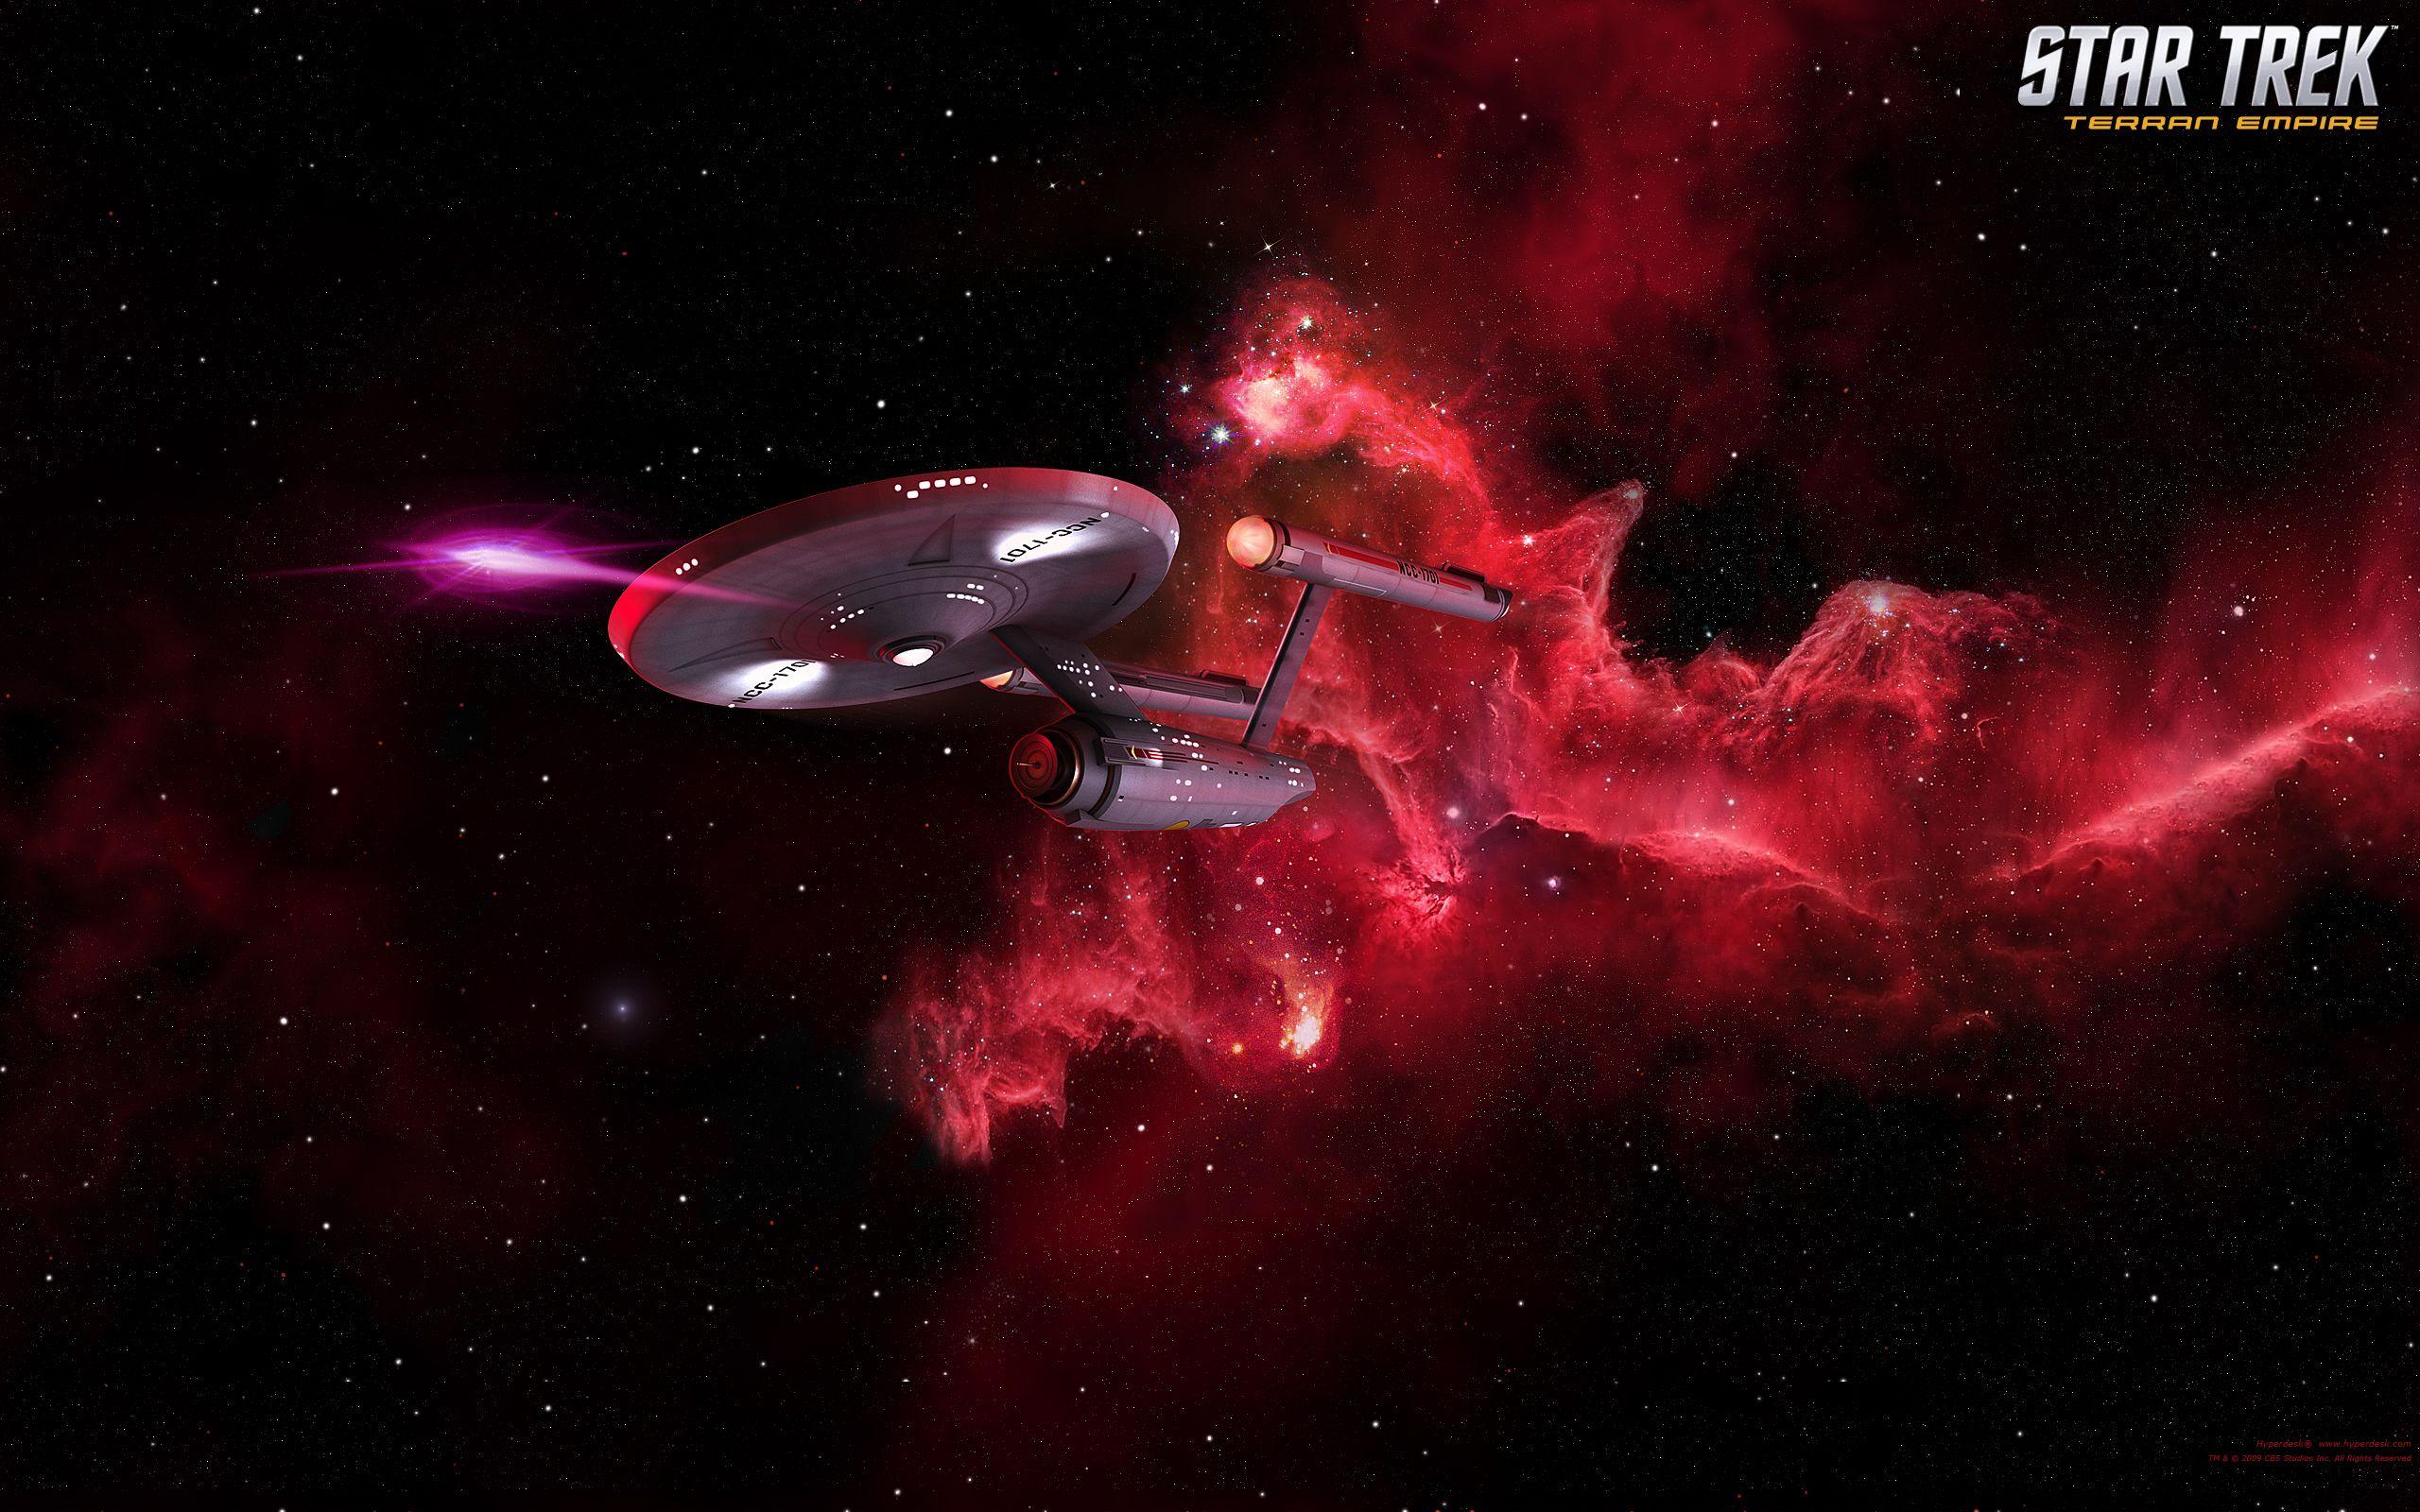 Star Trek Wallpaper Enlarge For Full Size Star Trek Art Star Trek Wallpaper Star Trek Ships